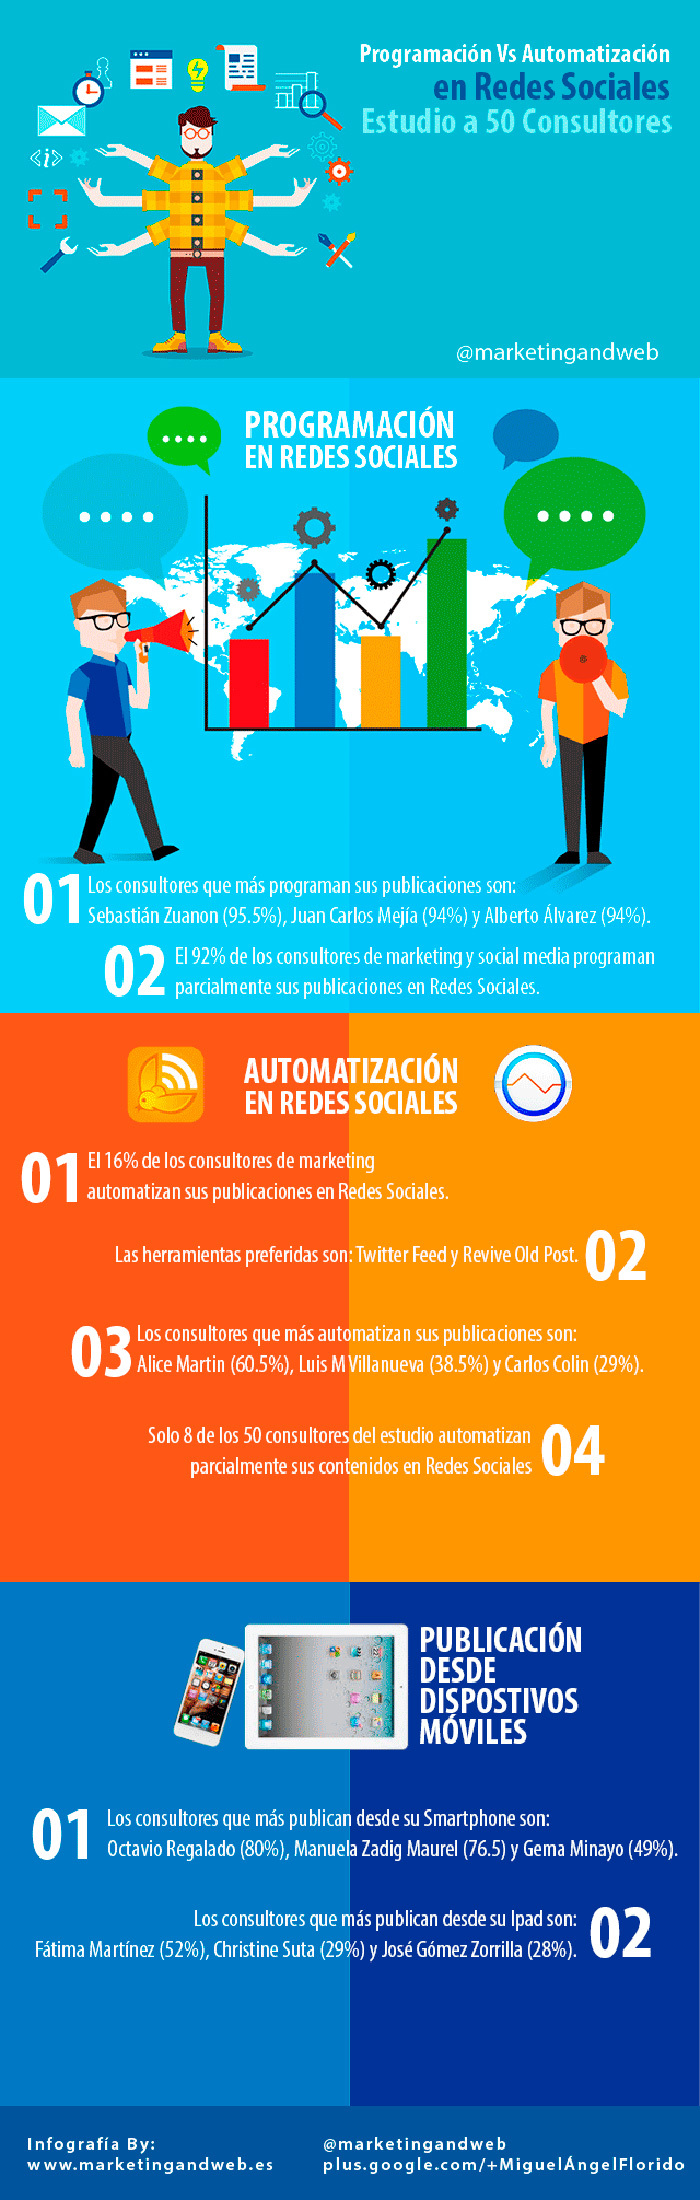 Infografia sobre la automatizacion vs la programacion en redes sociales